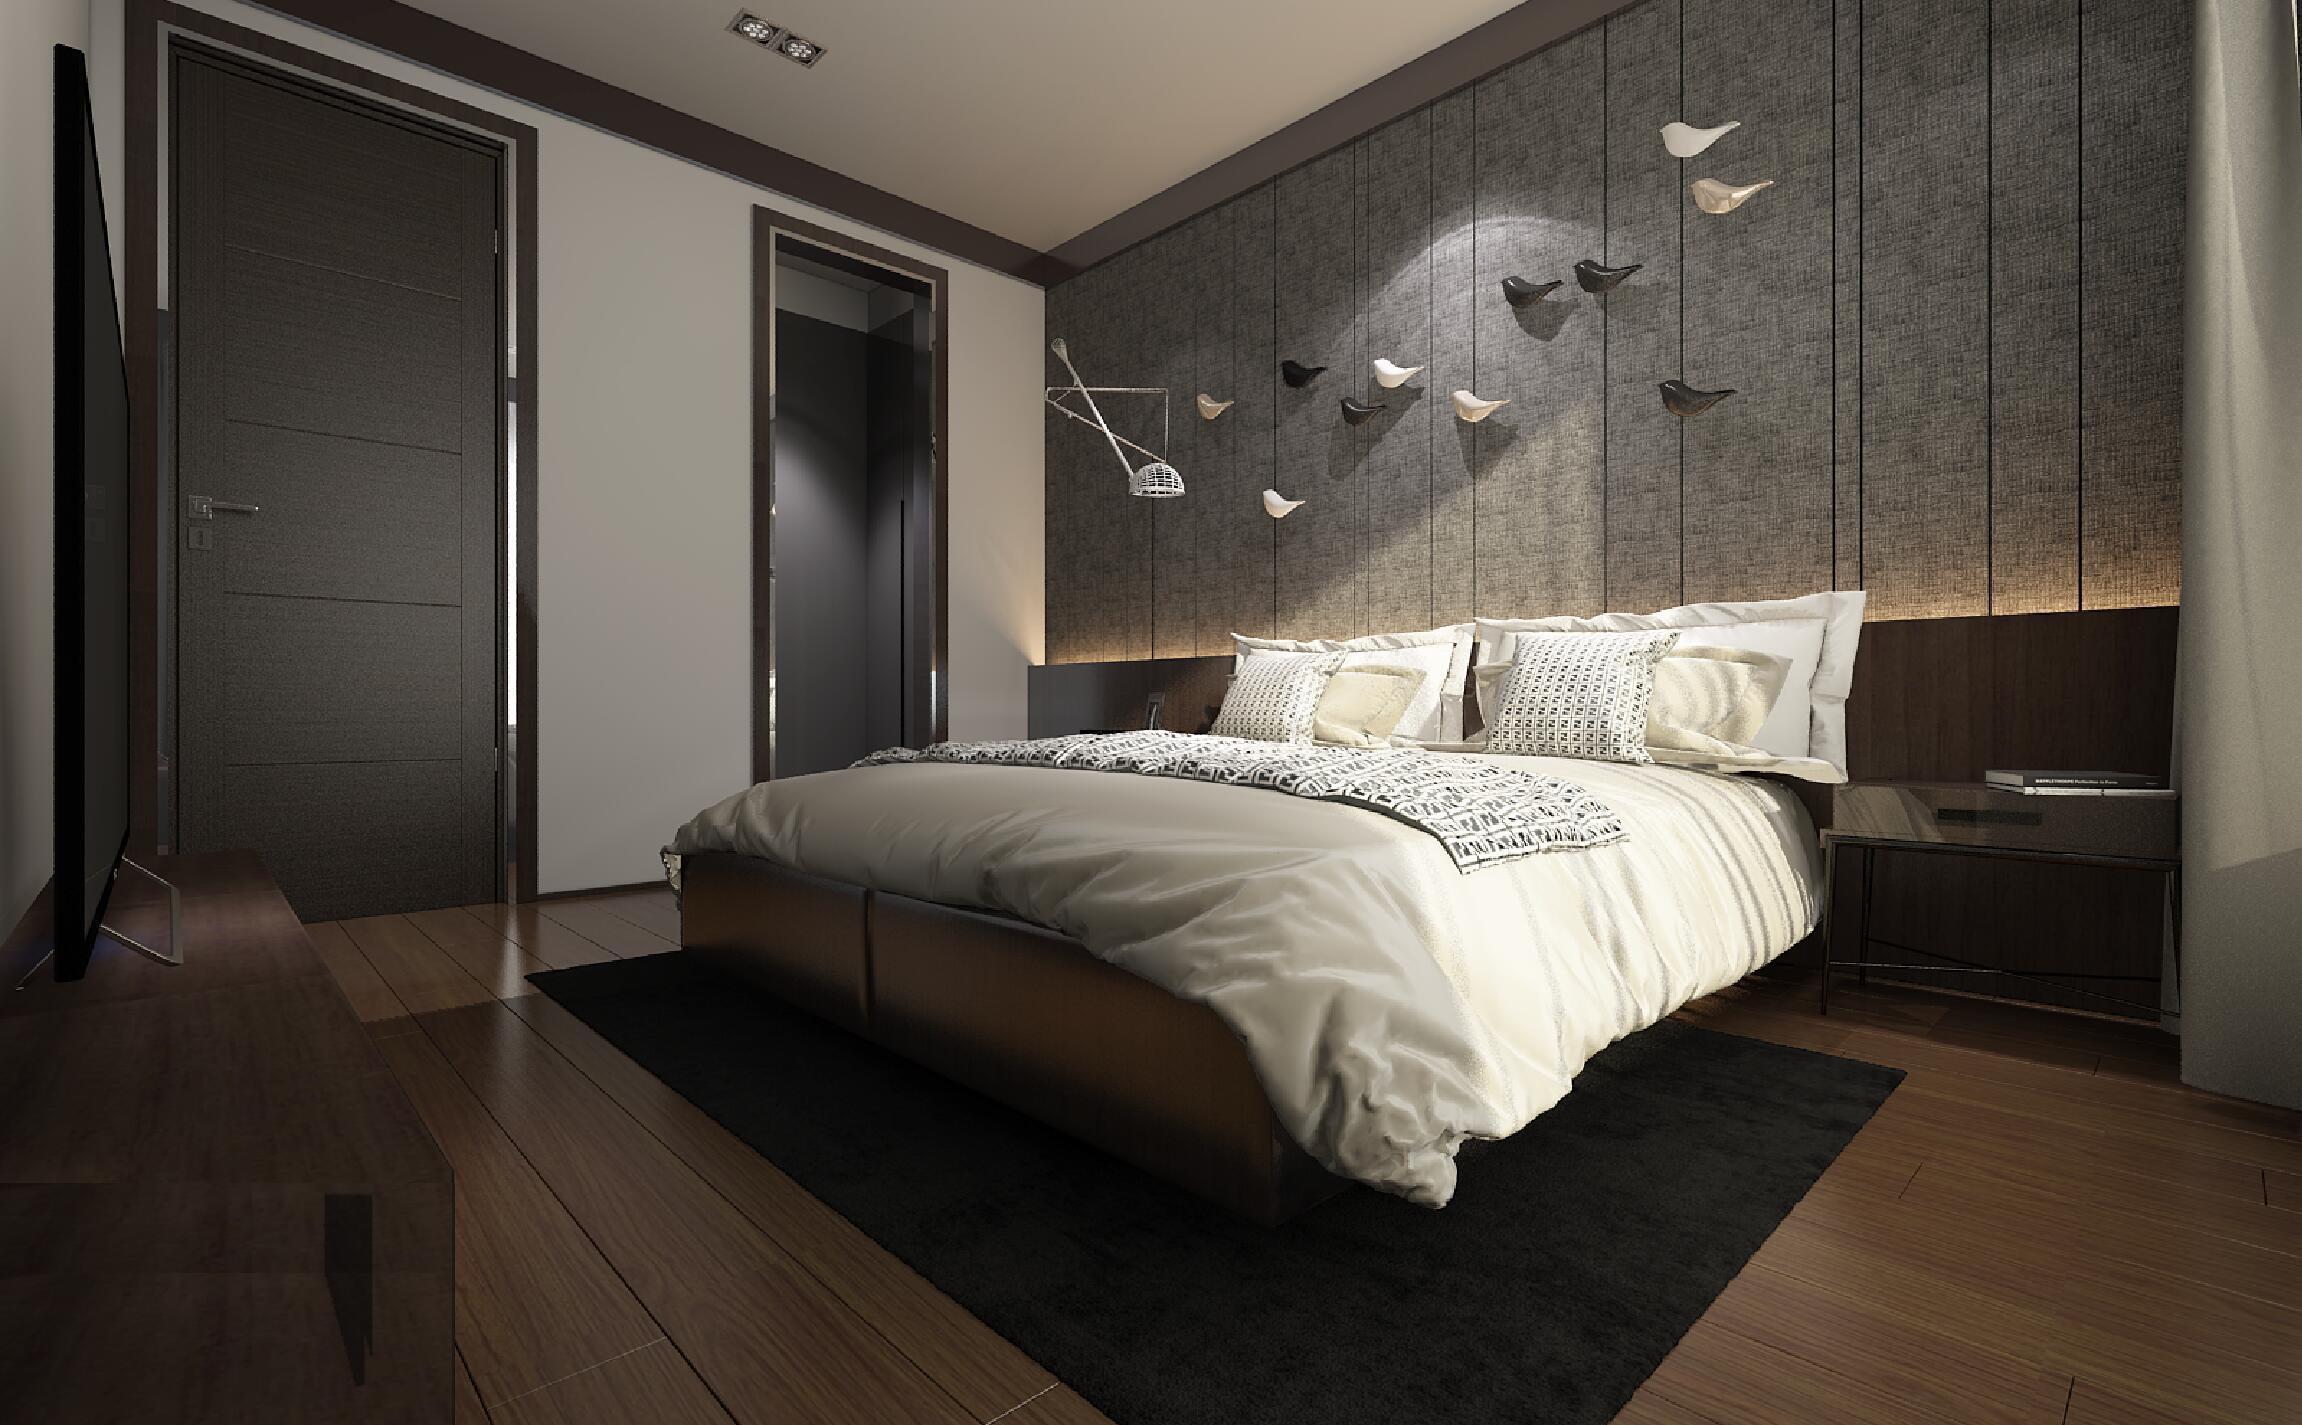 黑白灰调现代风格装修次卧效果图